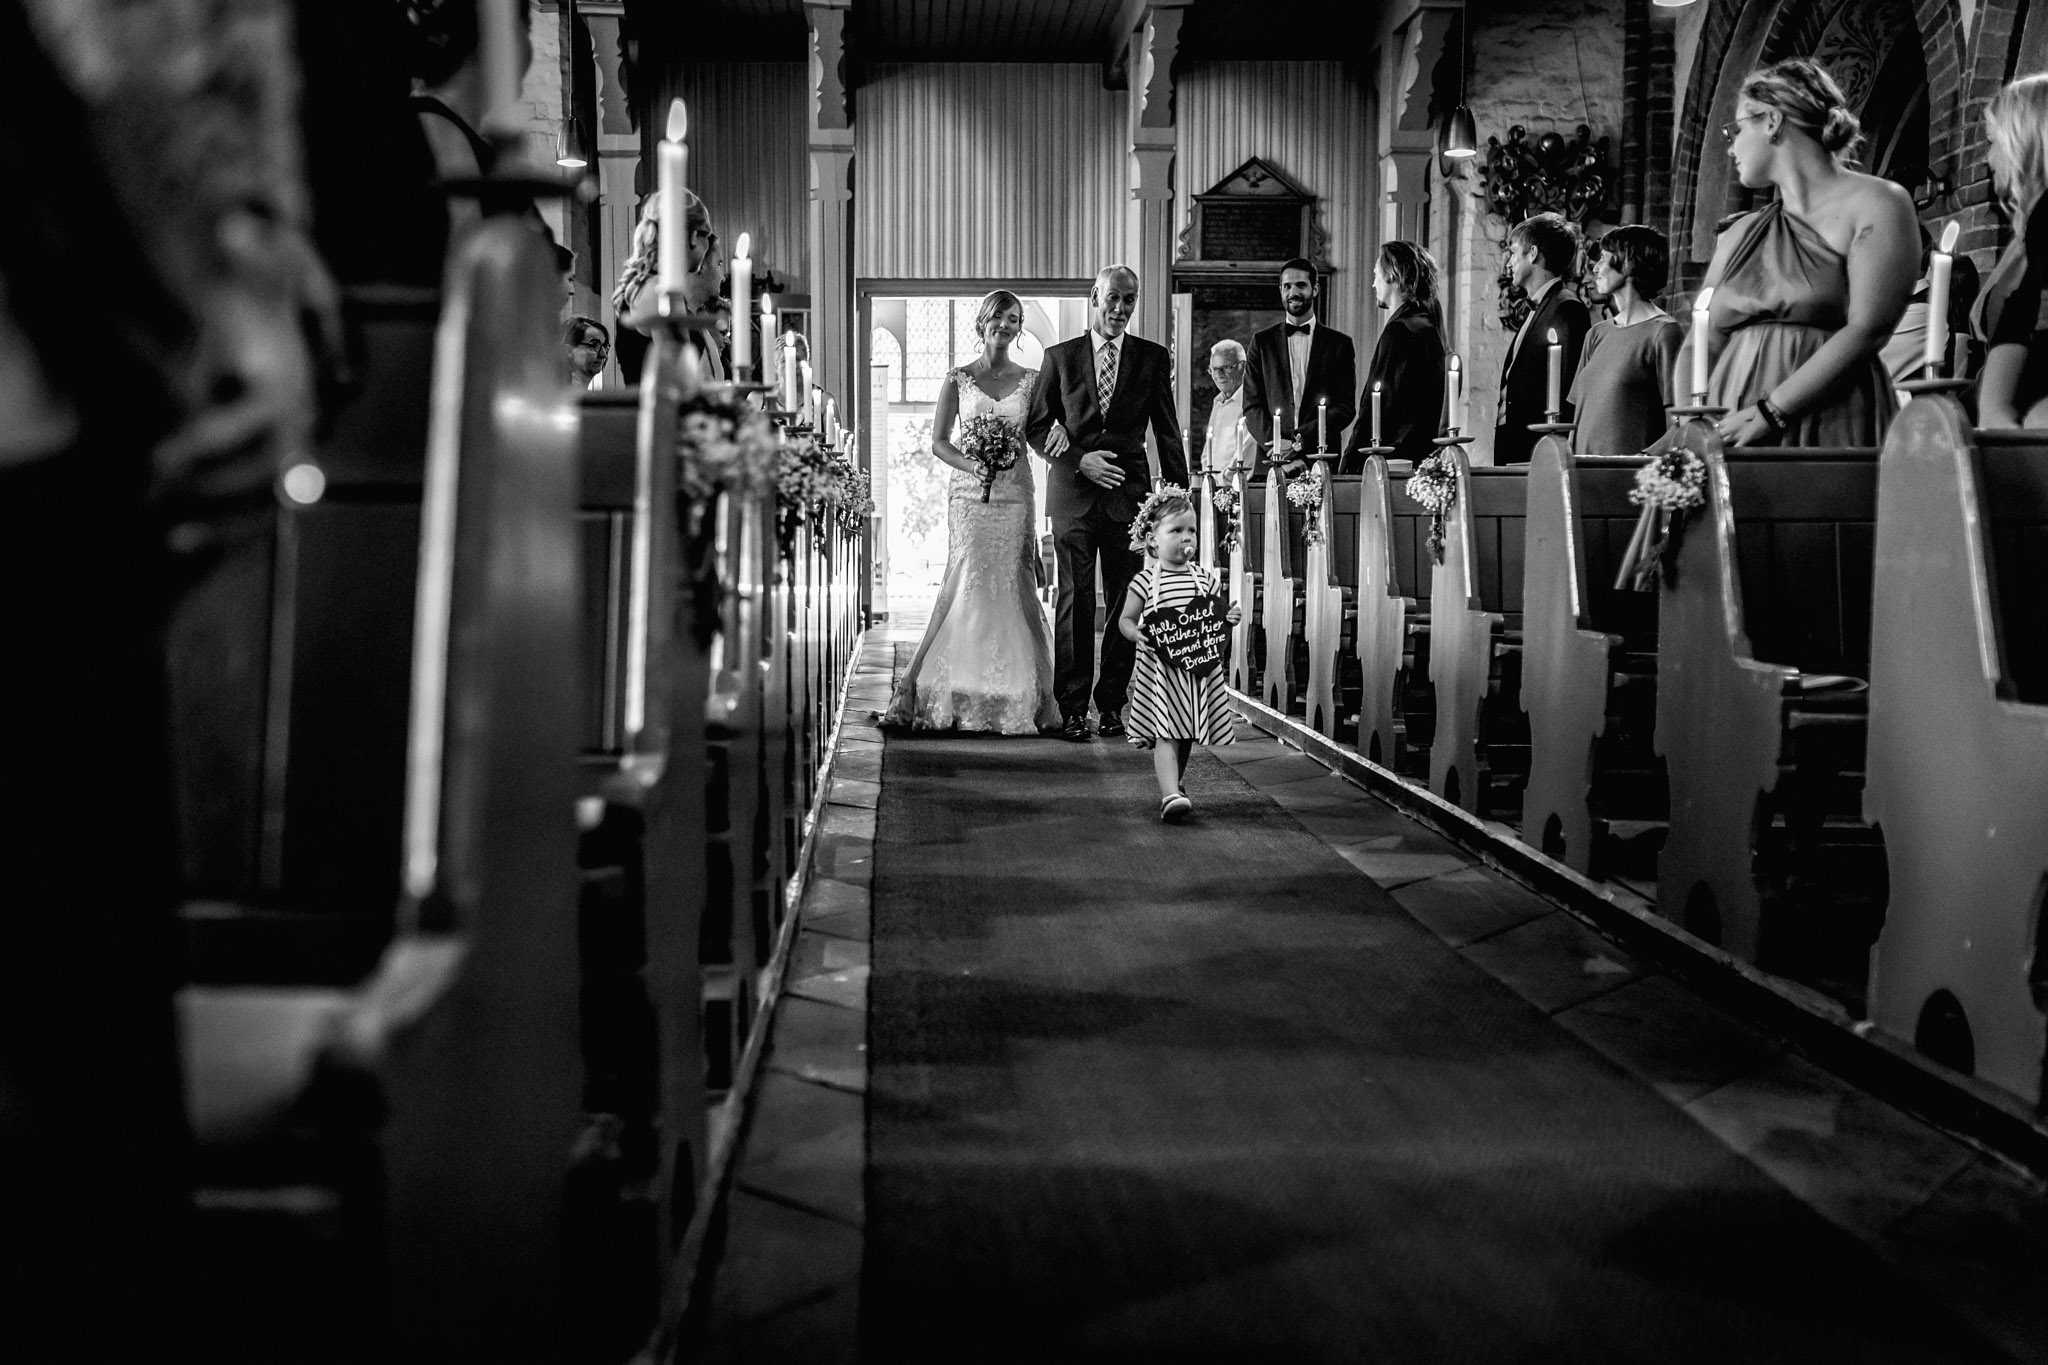 Sven Schomburg Hochzeitsfotografie, Hamburg, Mölln, Hochzeitsfieber by Photo-Schomburg, Hochzeitsreportage, Forsthaus Waldhusen, Braut, Bräutigam-25